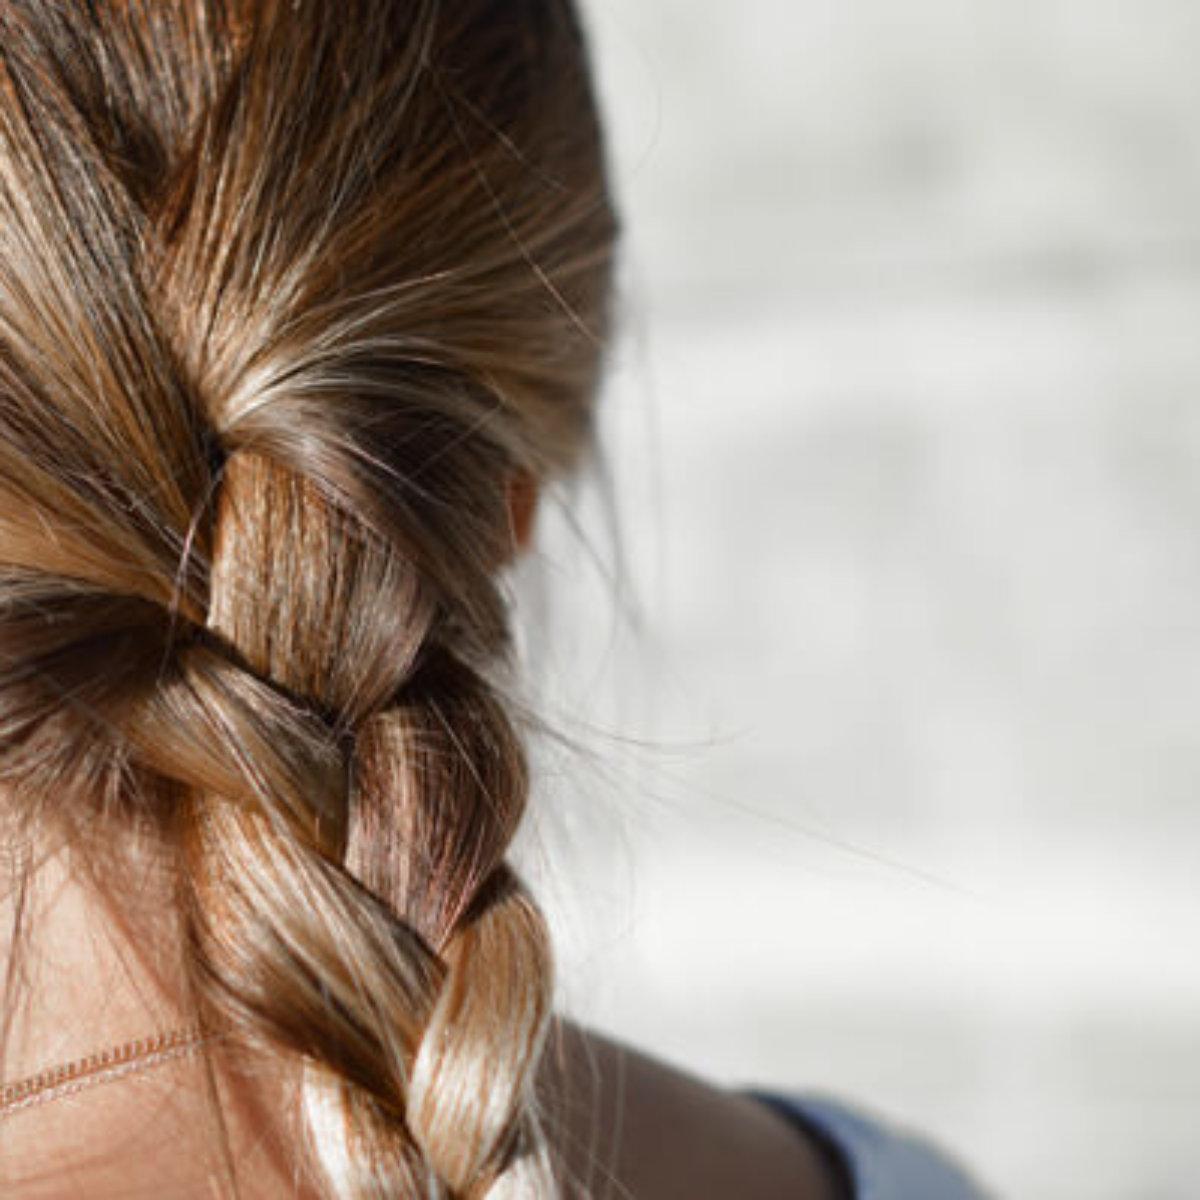 Hair in braid